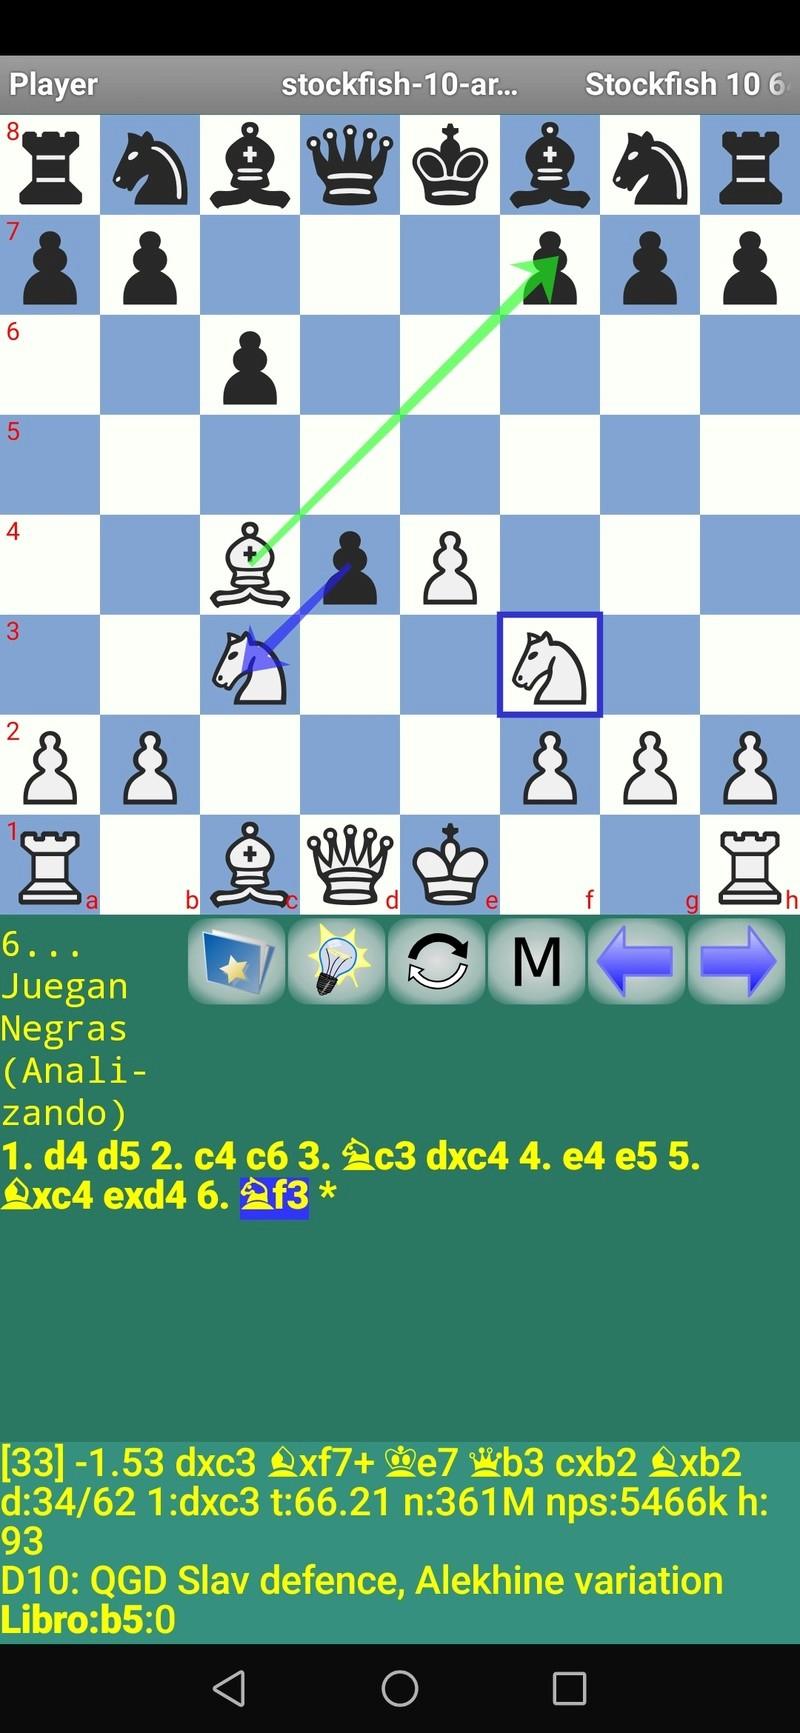 30 posiciones de Test fabulosas con el Stockfish 10 / Matador de QUIJOTEL (I) Scree103